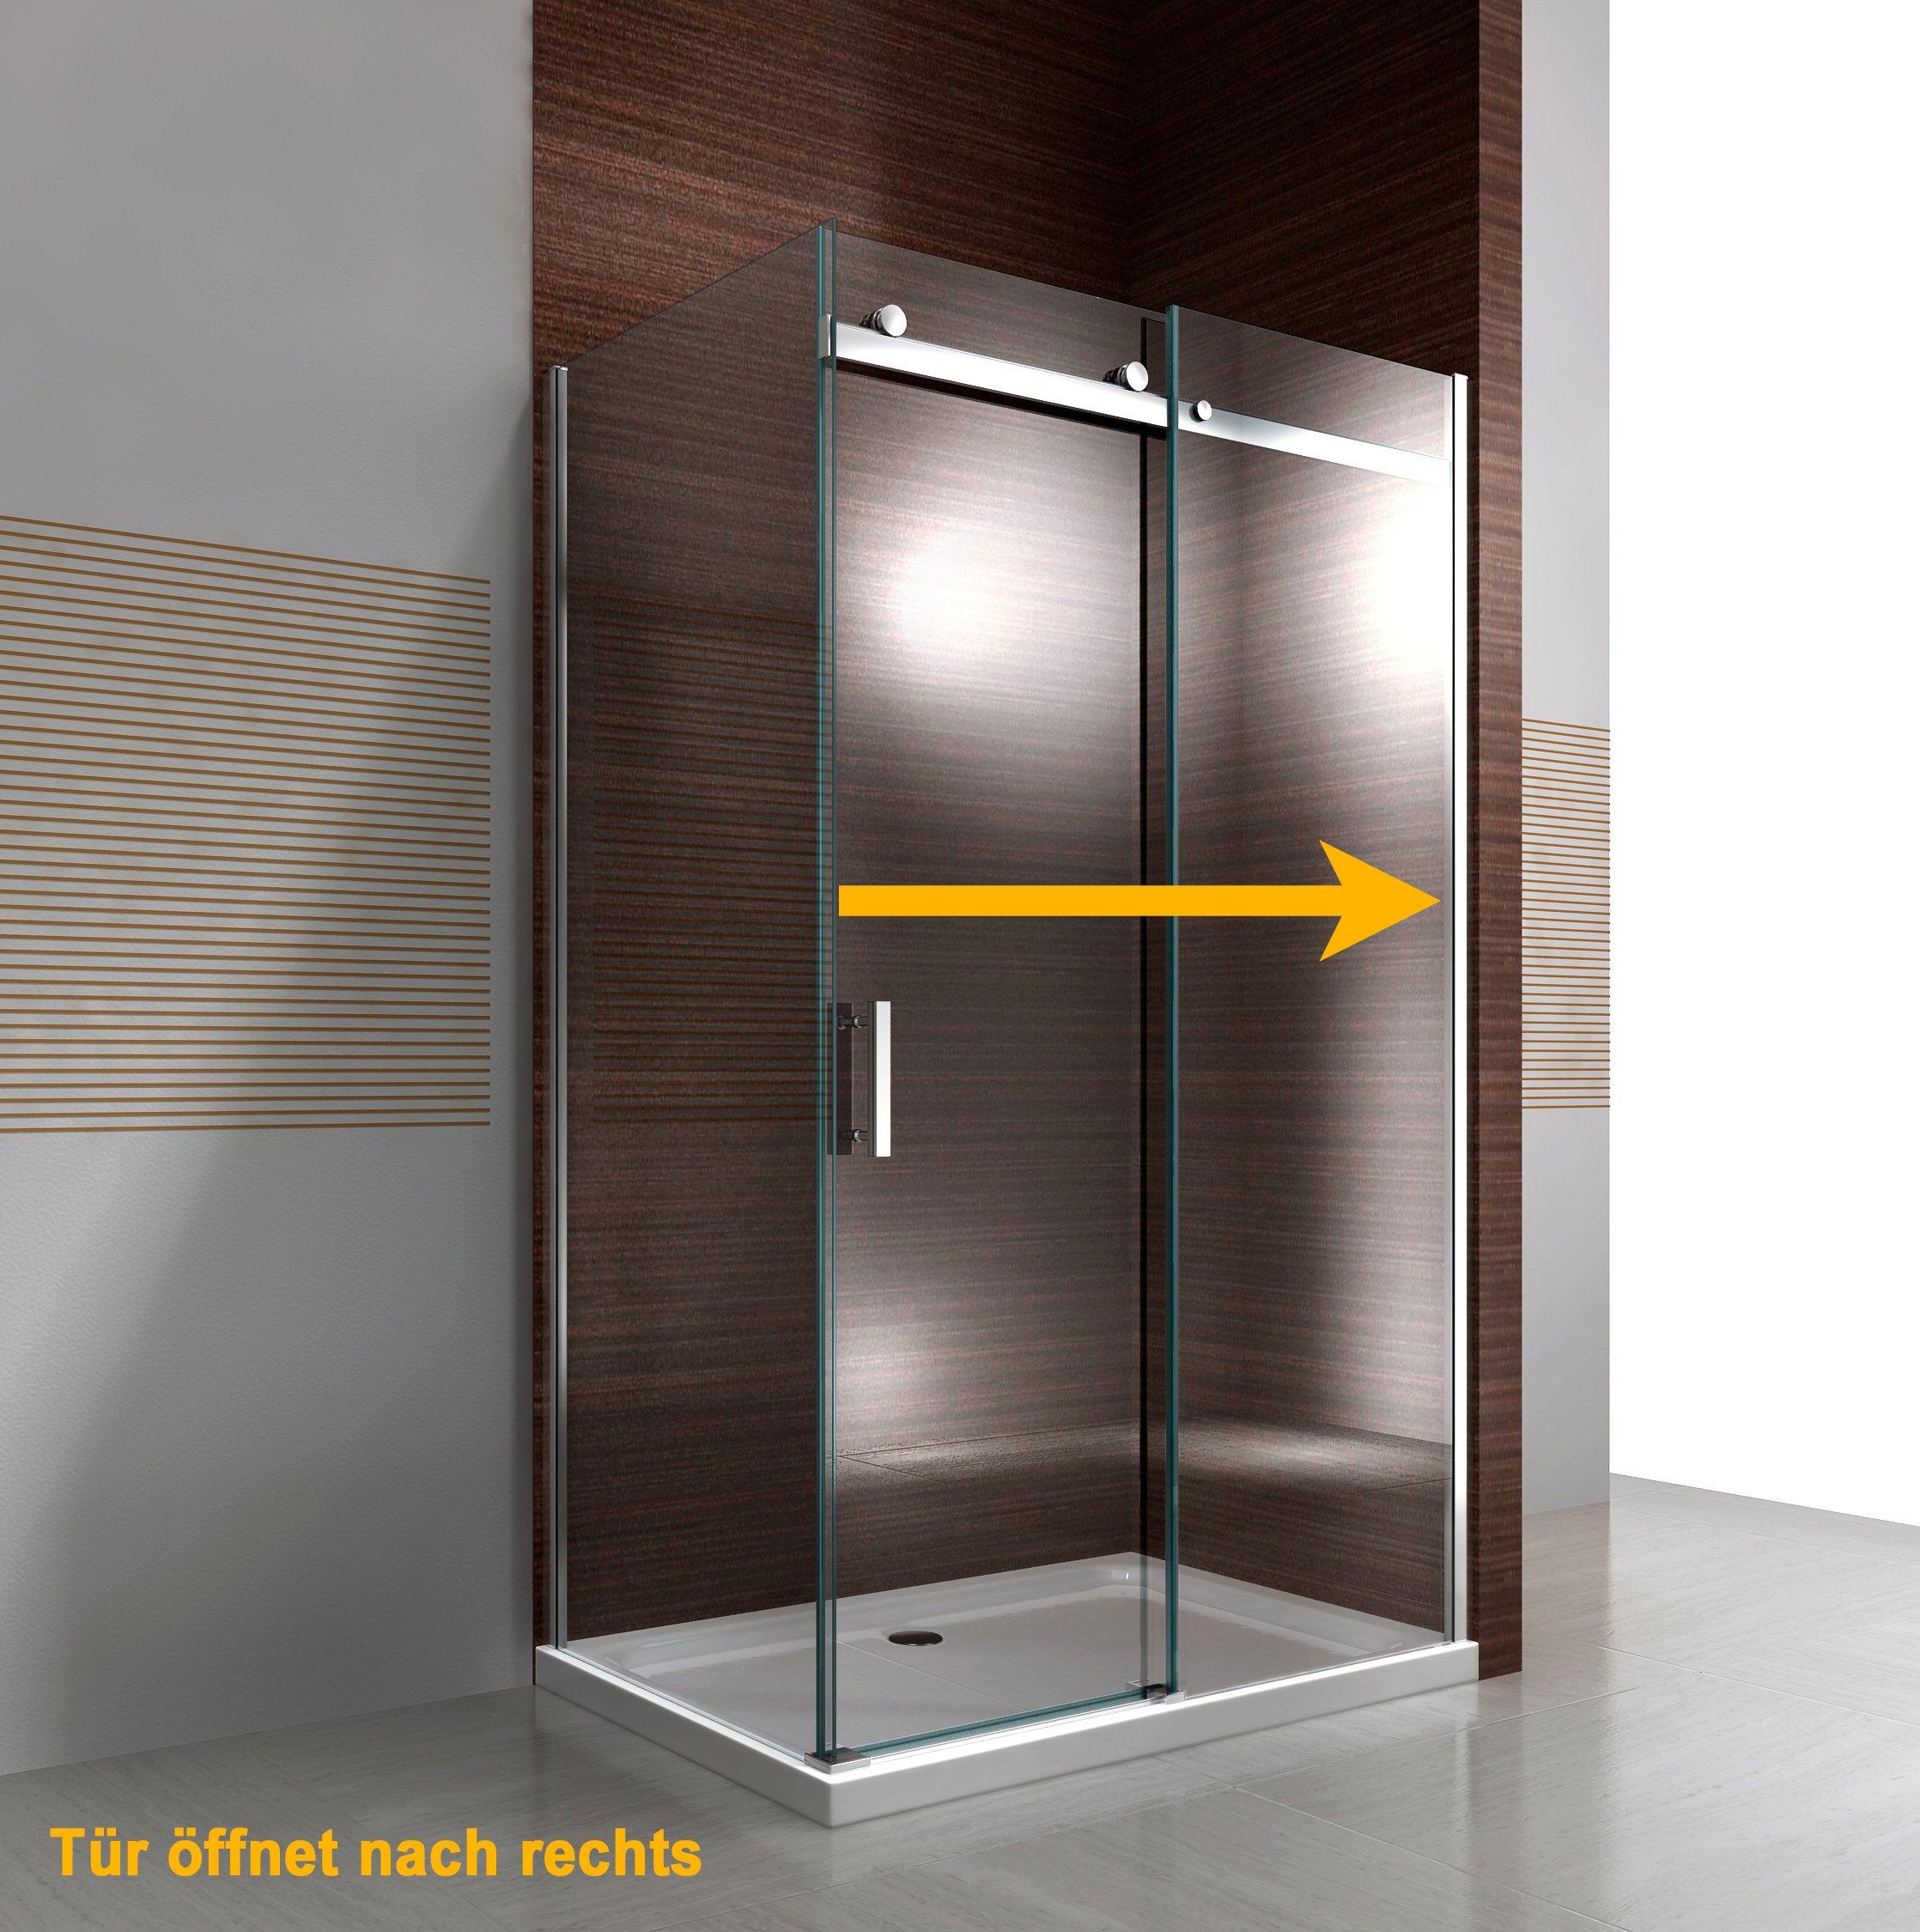 Duschkabine Nano Echtglas EX806 Schiebetür - 90 x 120 x 195 cm zoom thumbnail 3